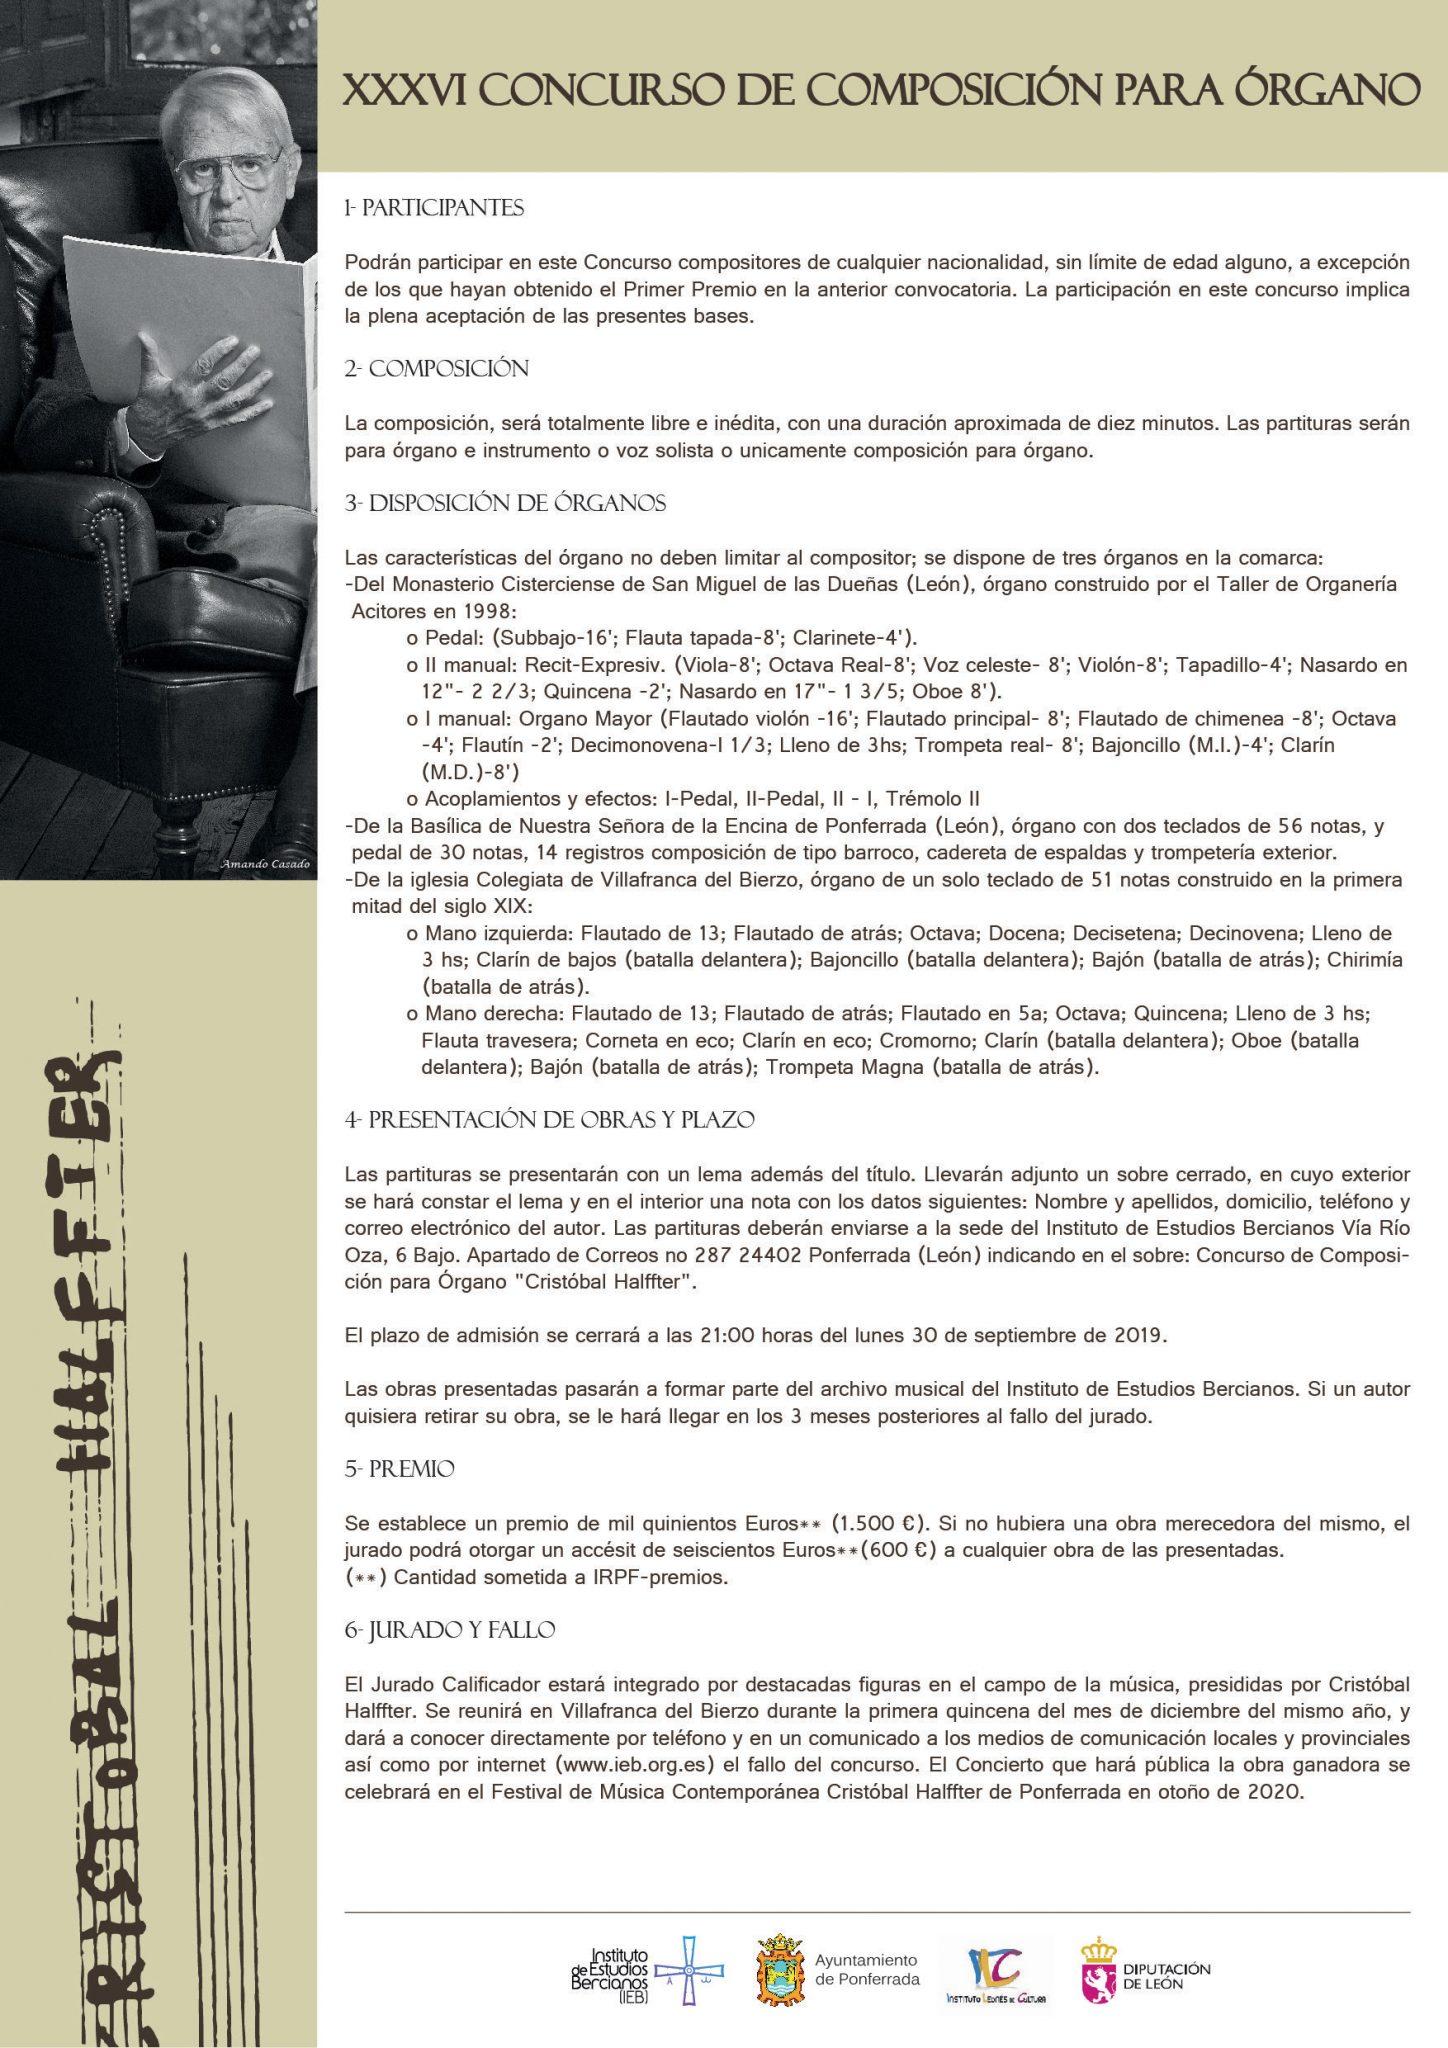 El IEB convoca el XXXVI Concurso de Composición para Órgano Cristóbal Halffter 2